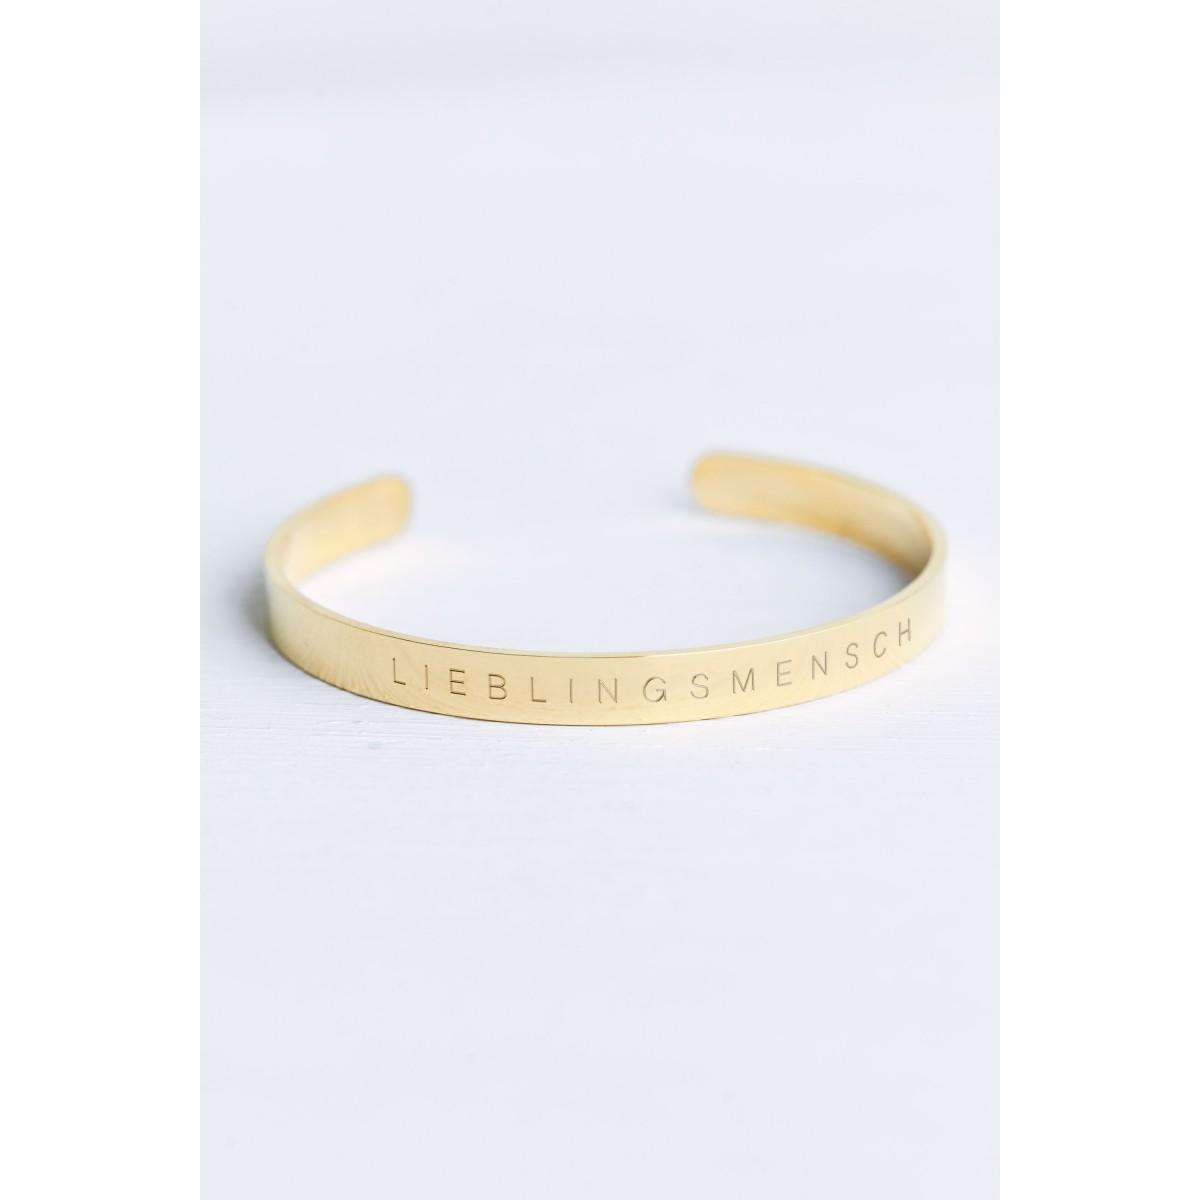 Oh Bracelet Berlin – Schmaler Armreif Lieblingsmensch aus Edelstahl vergoldet glänzend